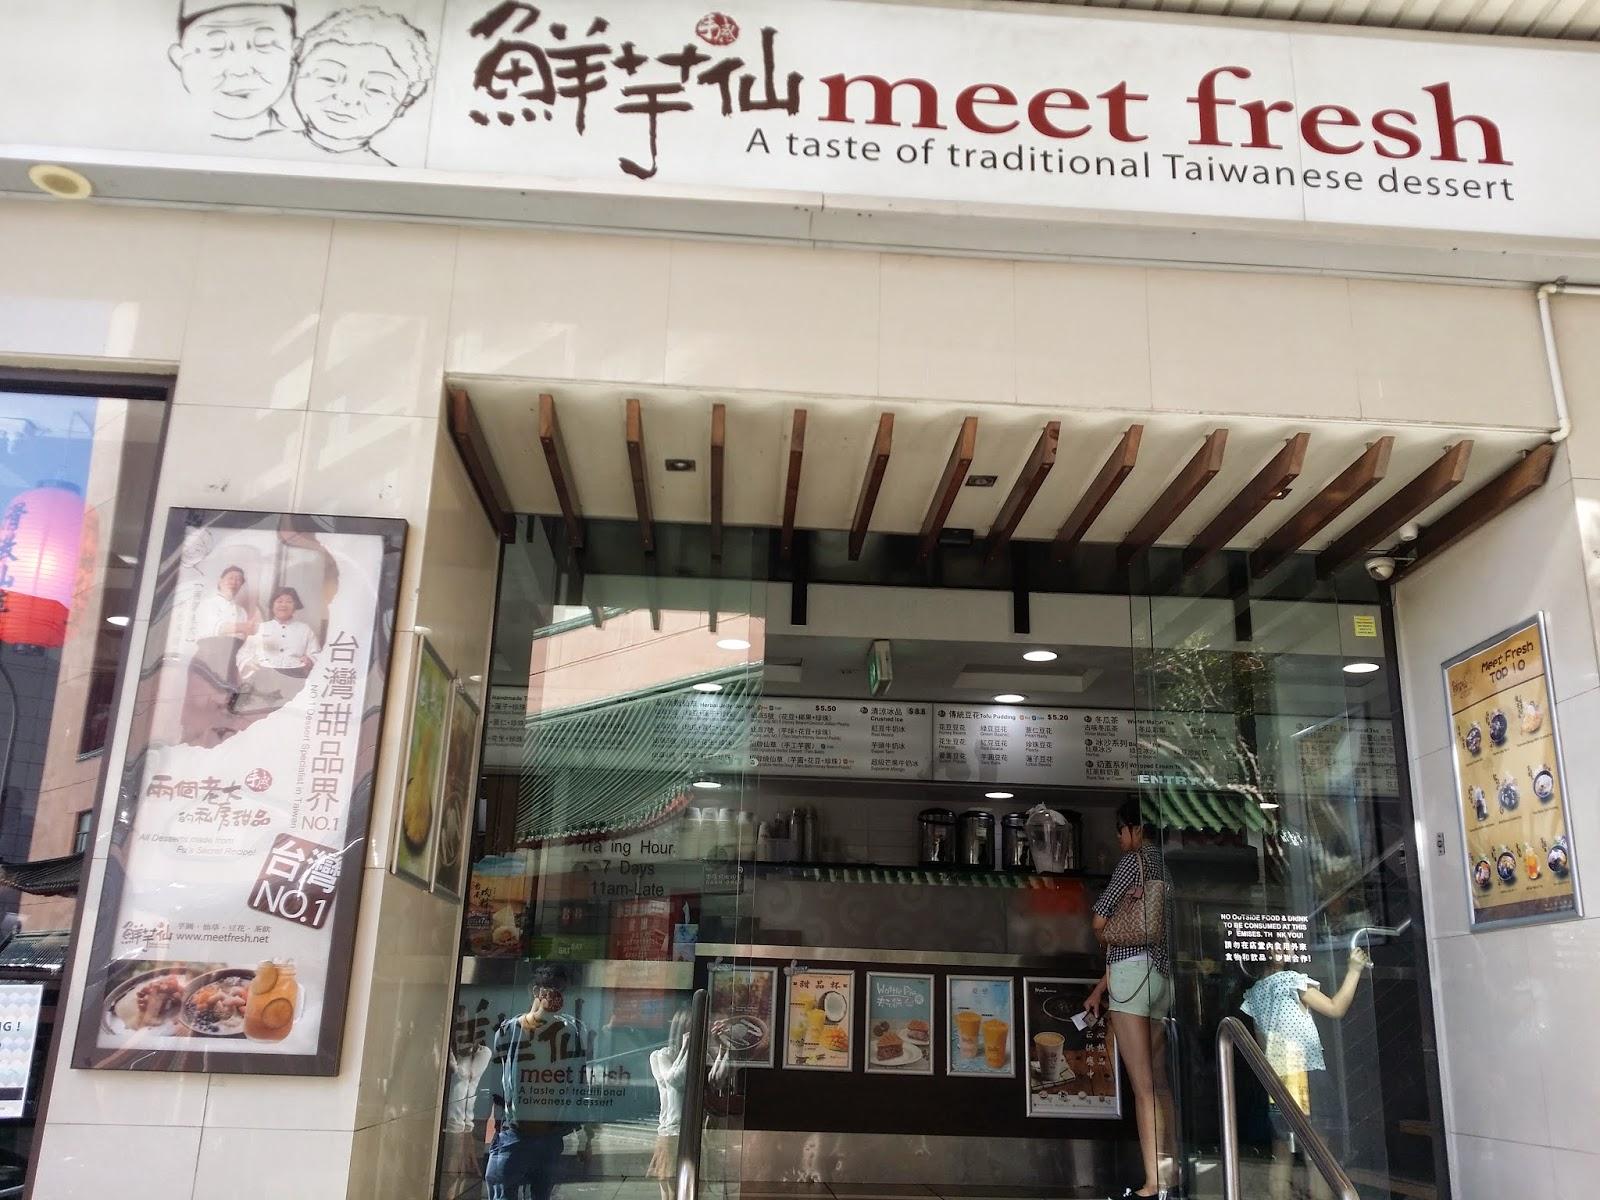 meet fresh ★★★★★ exquisite teas, treats, desserts  món tráng miệng hảo hạng đến từ đài loan ★★★★★ hotline: 1900 58 88 99.